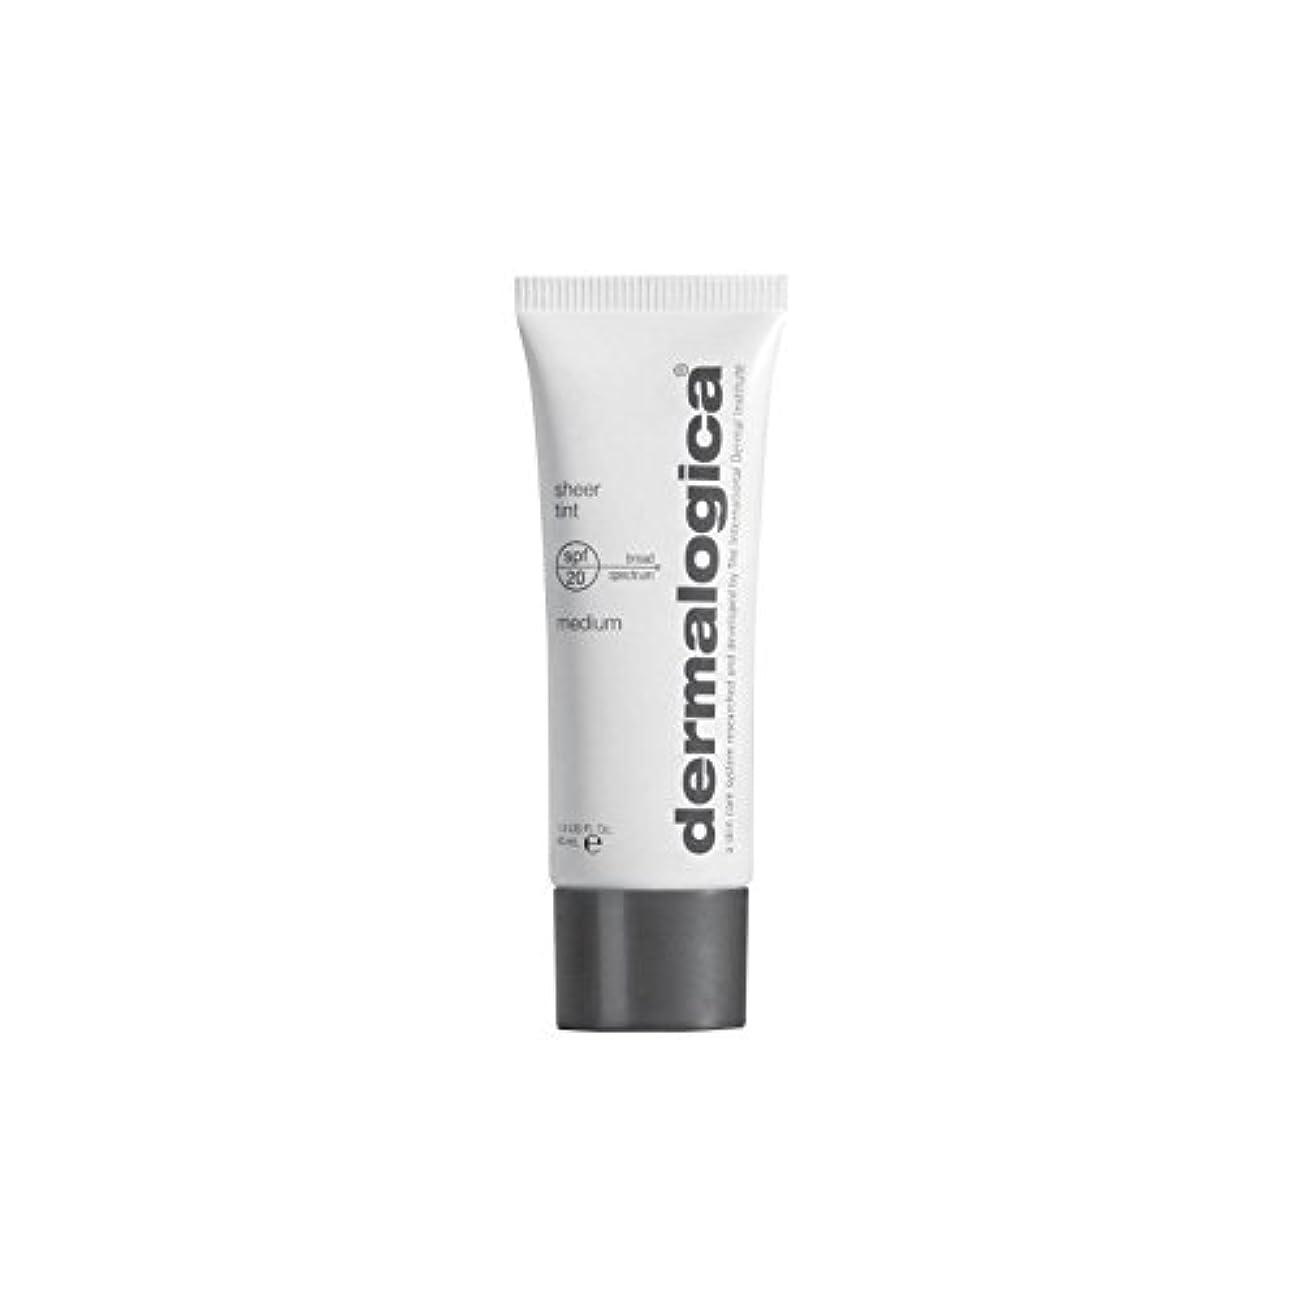 火曜日蒸留情熱Dermalogica Sheer Tint Spf 20- Medium - ダーマロジカシアーティント 20-メディア [並行輸入品]